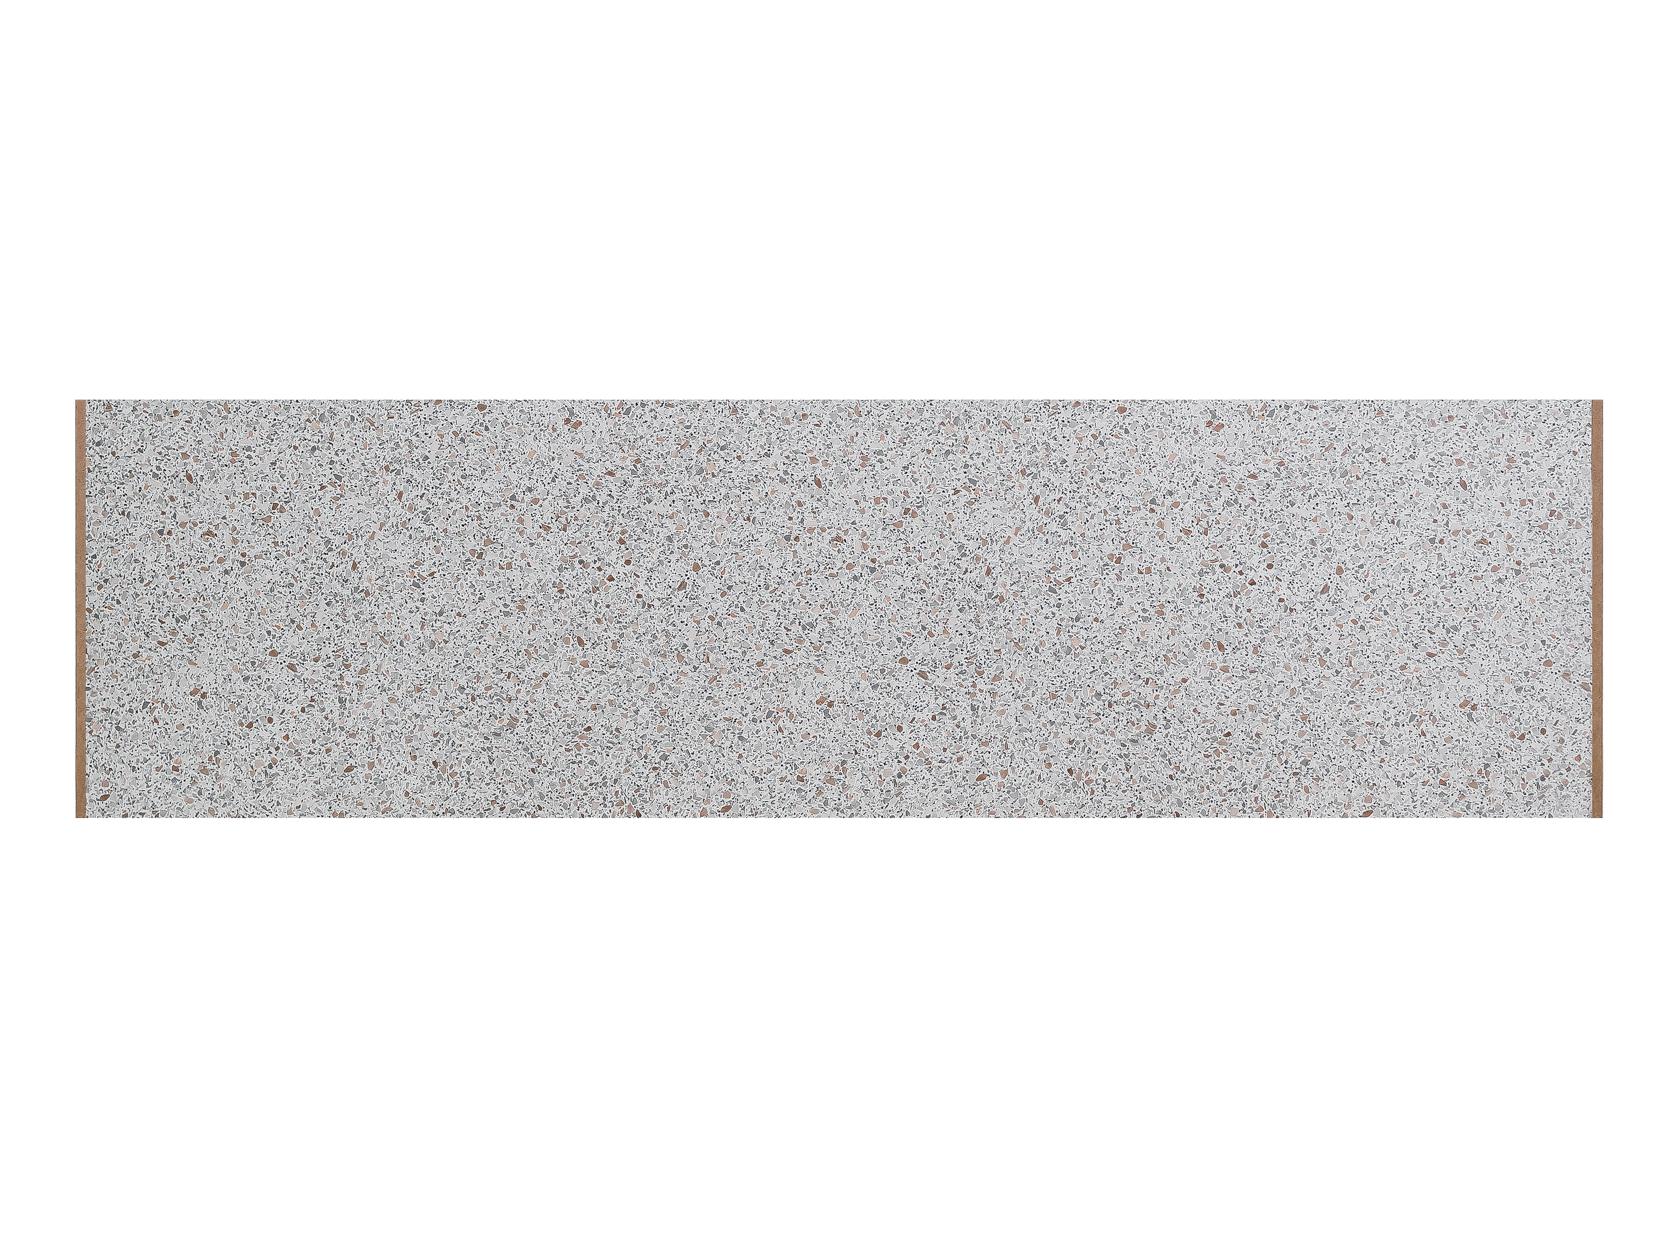 Стеновая панель Сокол Стеновая панель «Ракушки» plusobject стеновая панель silver fog